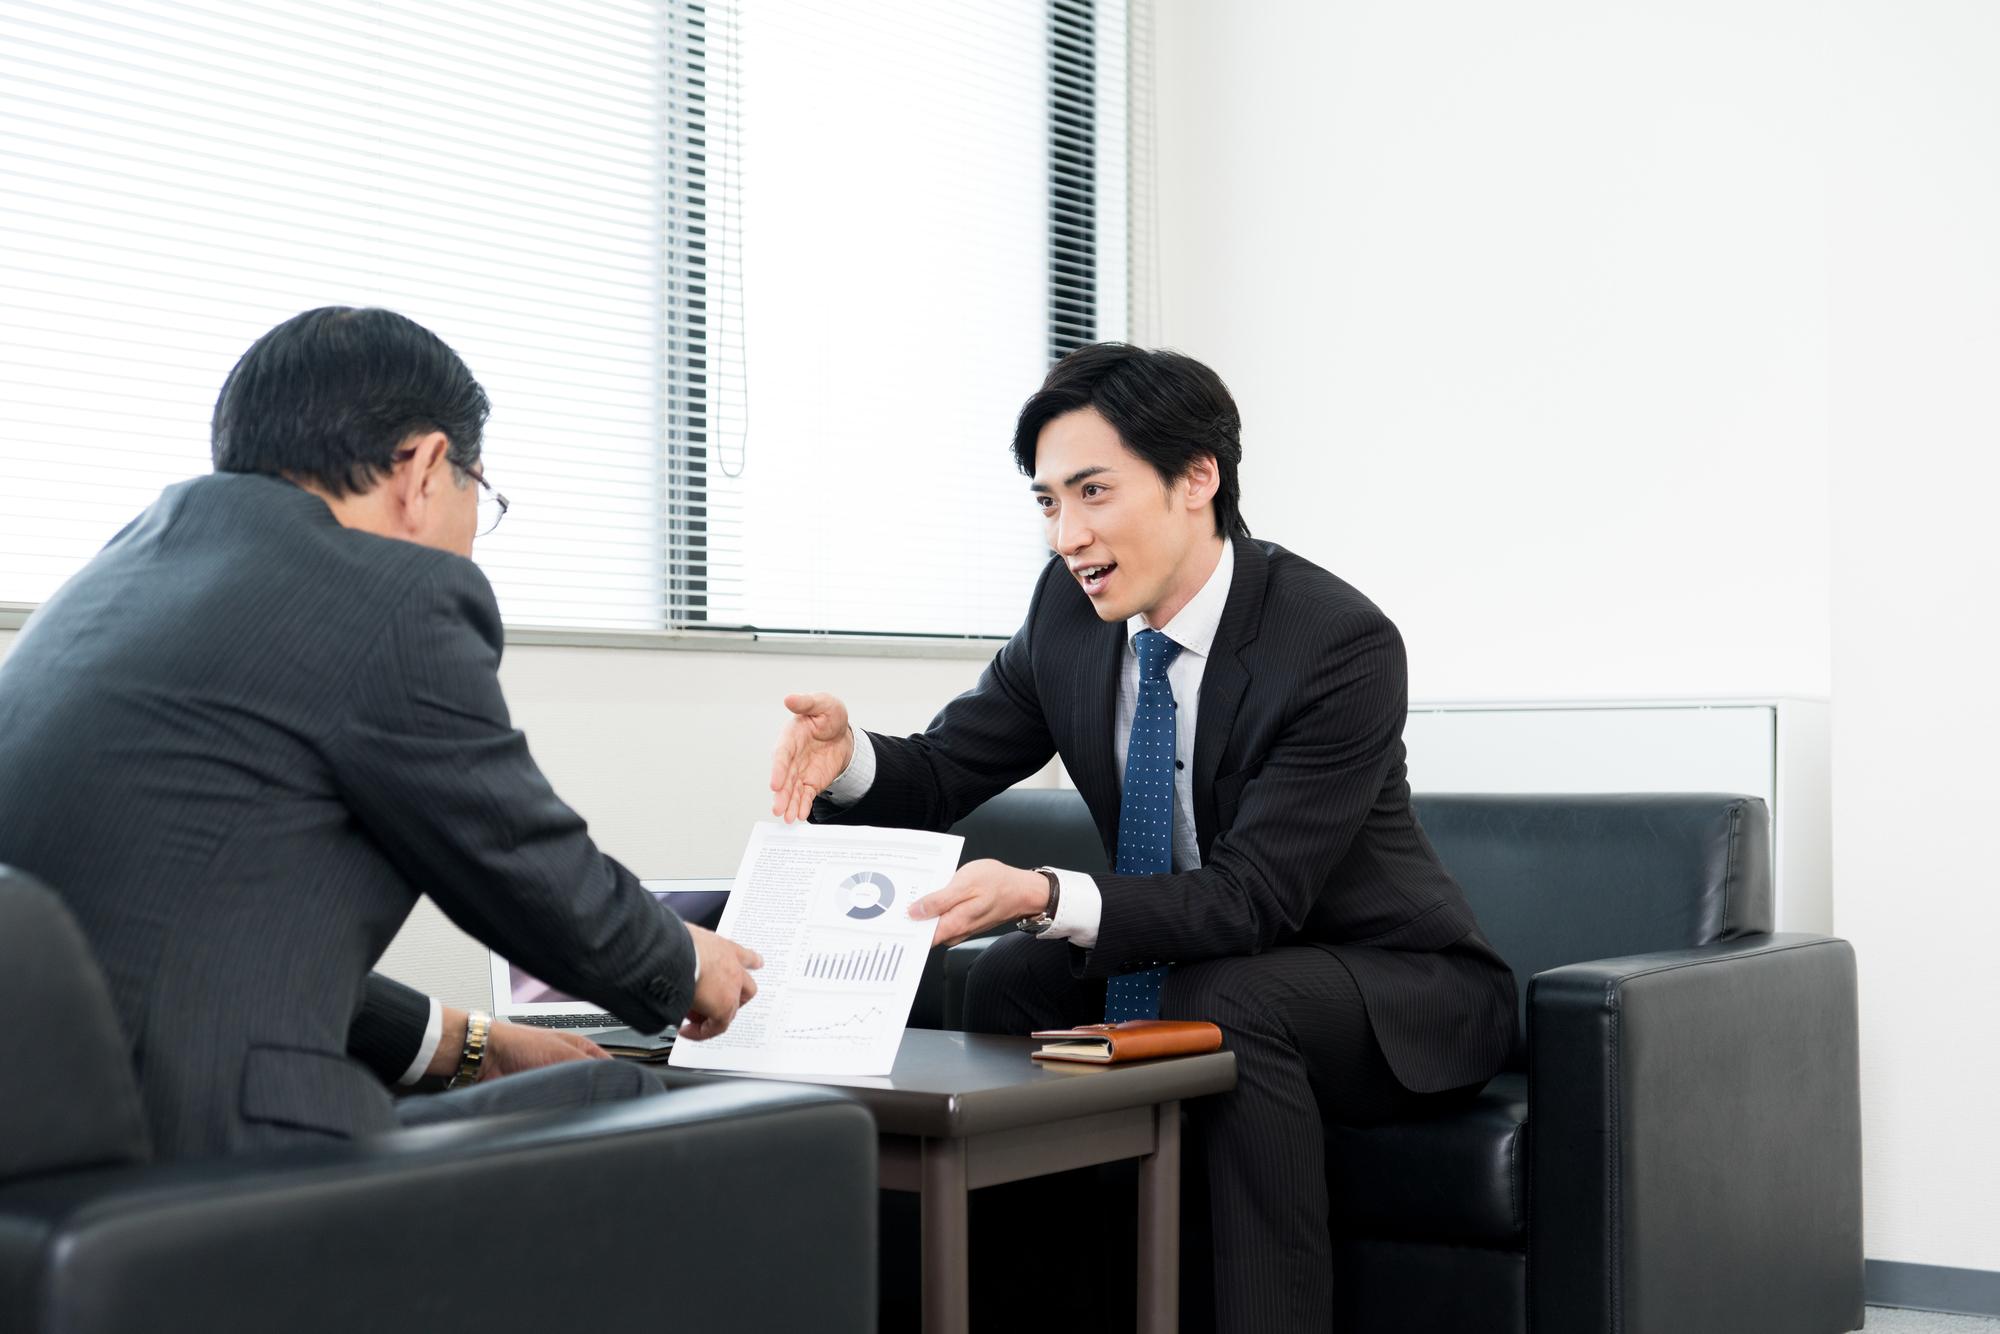 営業の仕事ってどんなもの?仕事内容や商談の流れを徹底解説